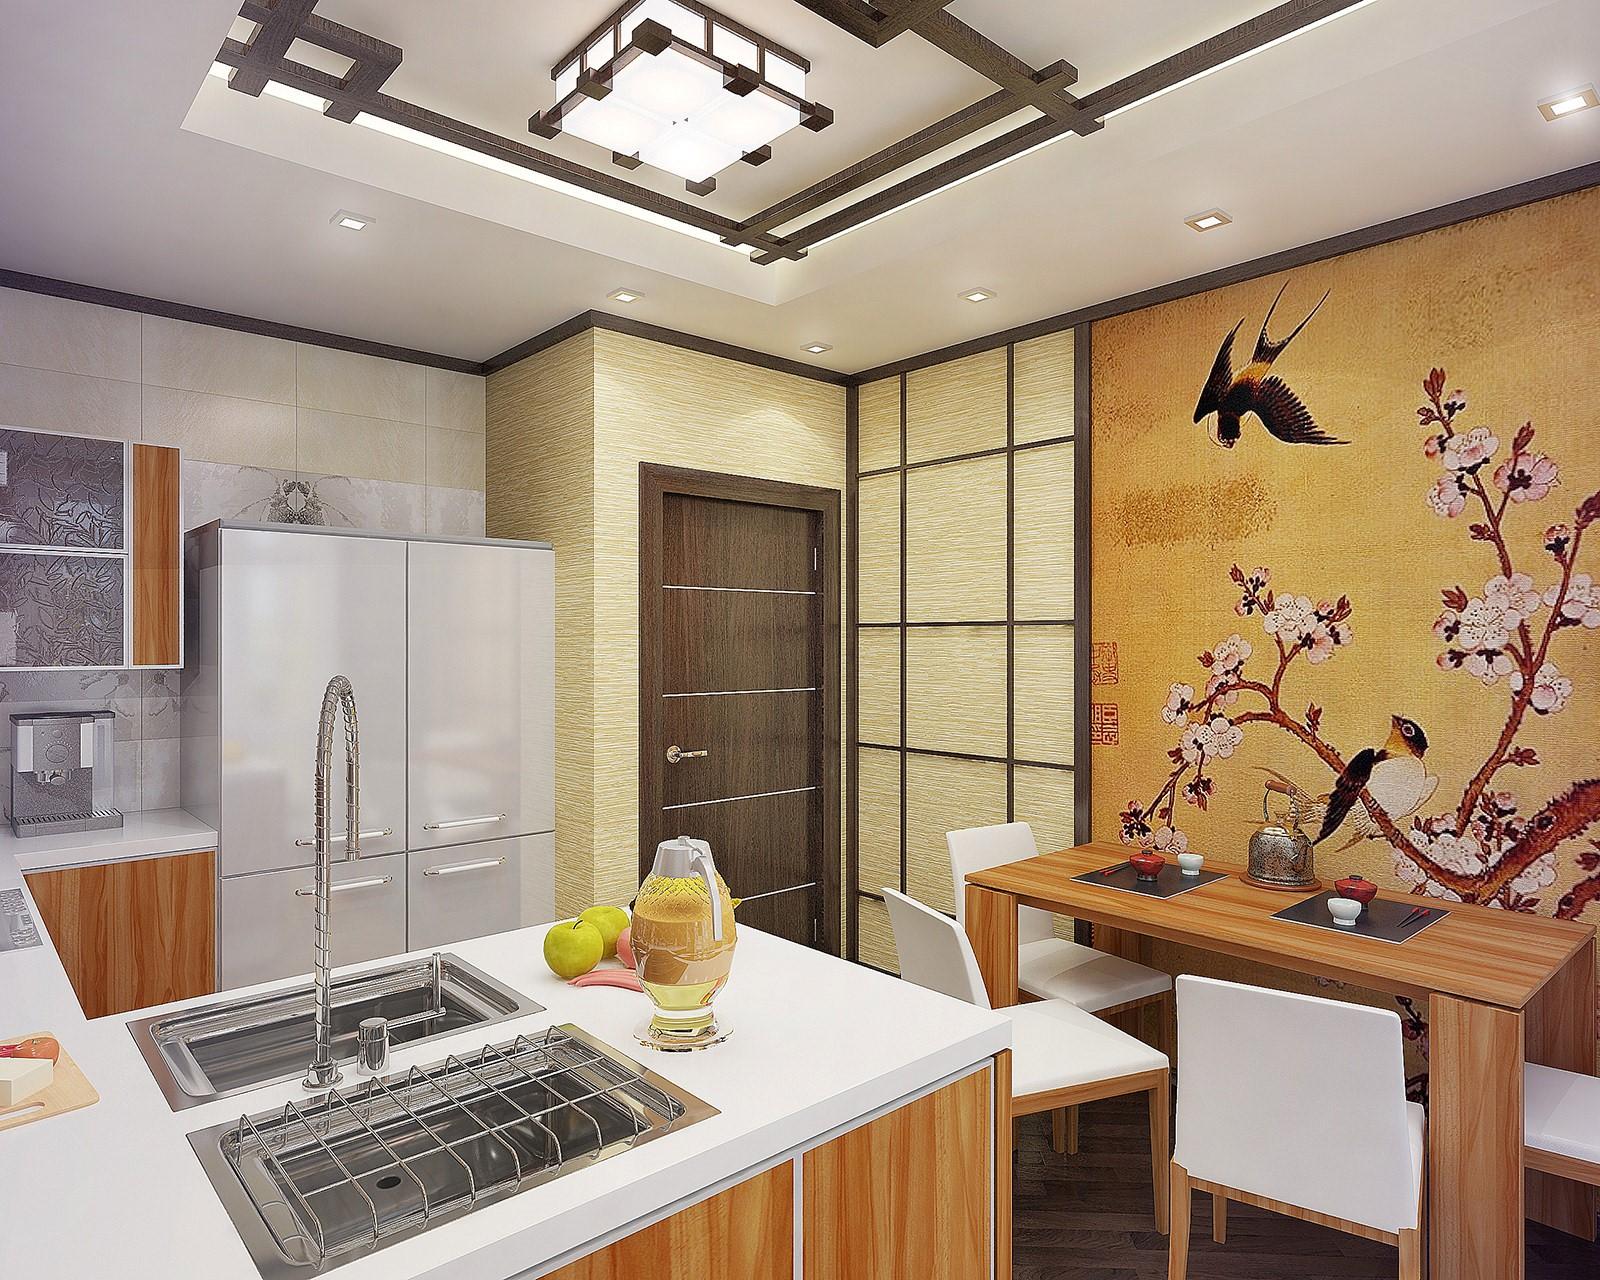 дизайн маленькой квартиры в японском стиле фото 3